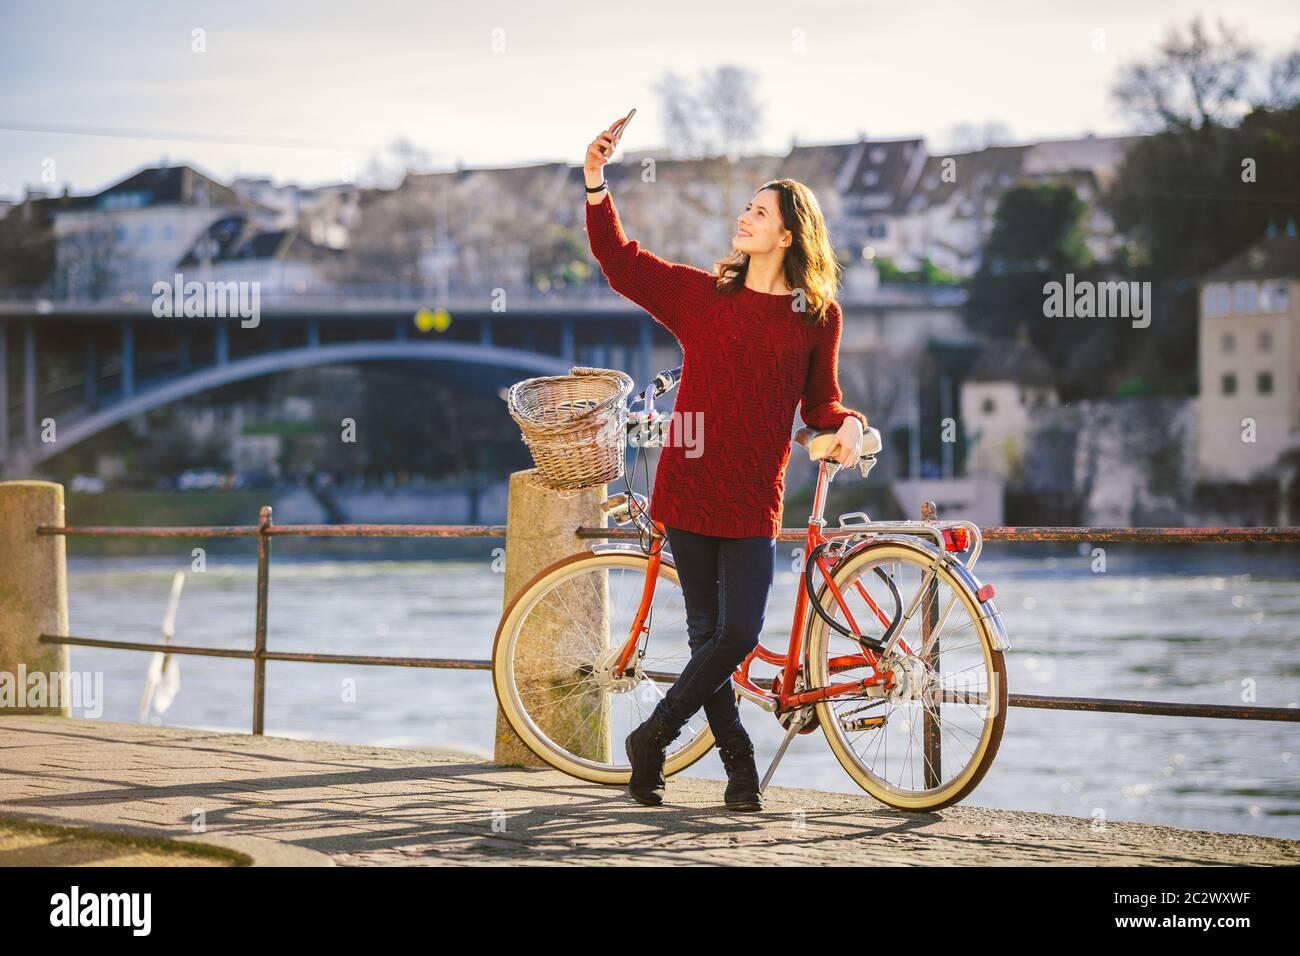 Une belle jeune femme avec un vélo rouge rétro fait une photo d'elle-même dans la vieille ville d'Europe sur l'éban du Rhin Banque D'Images